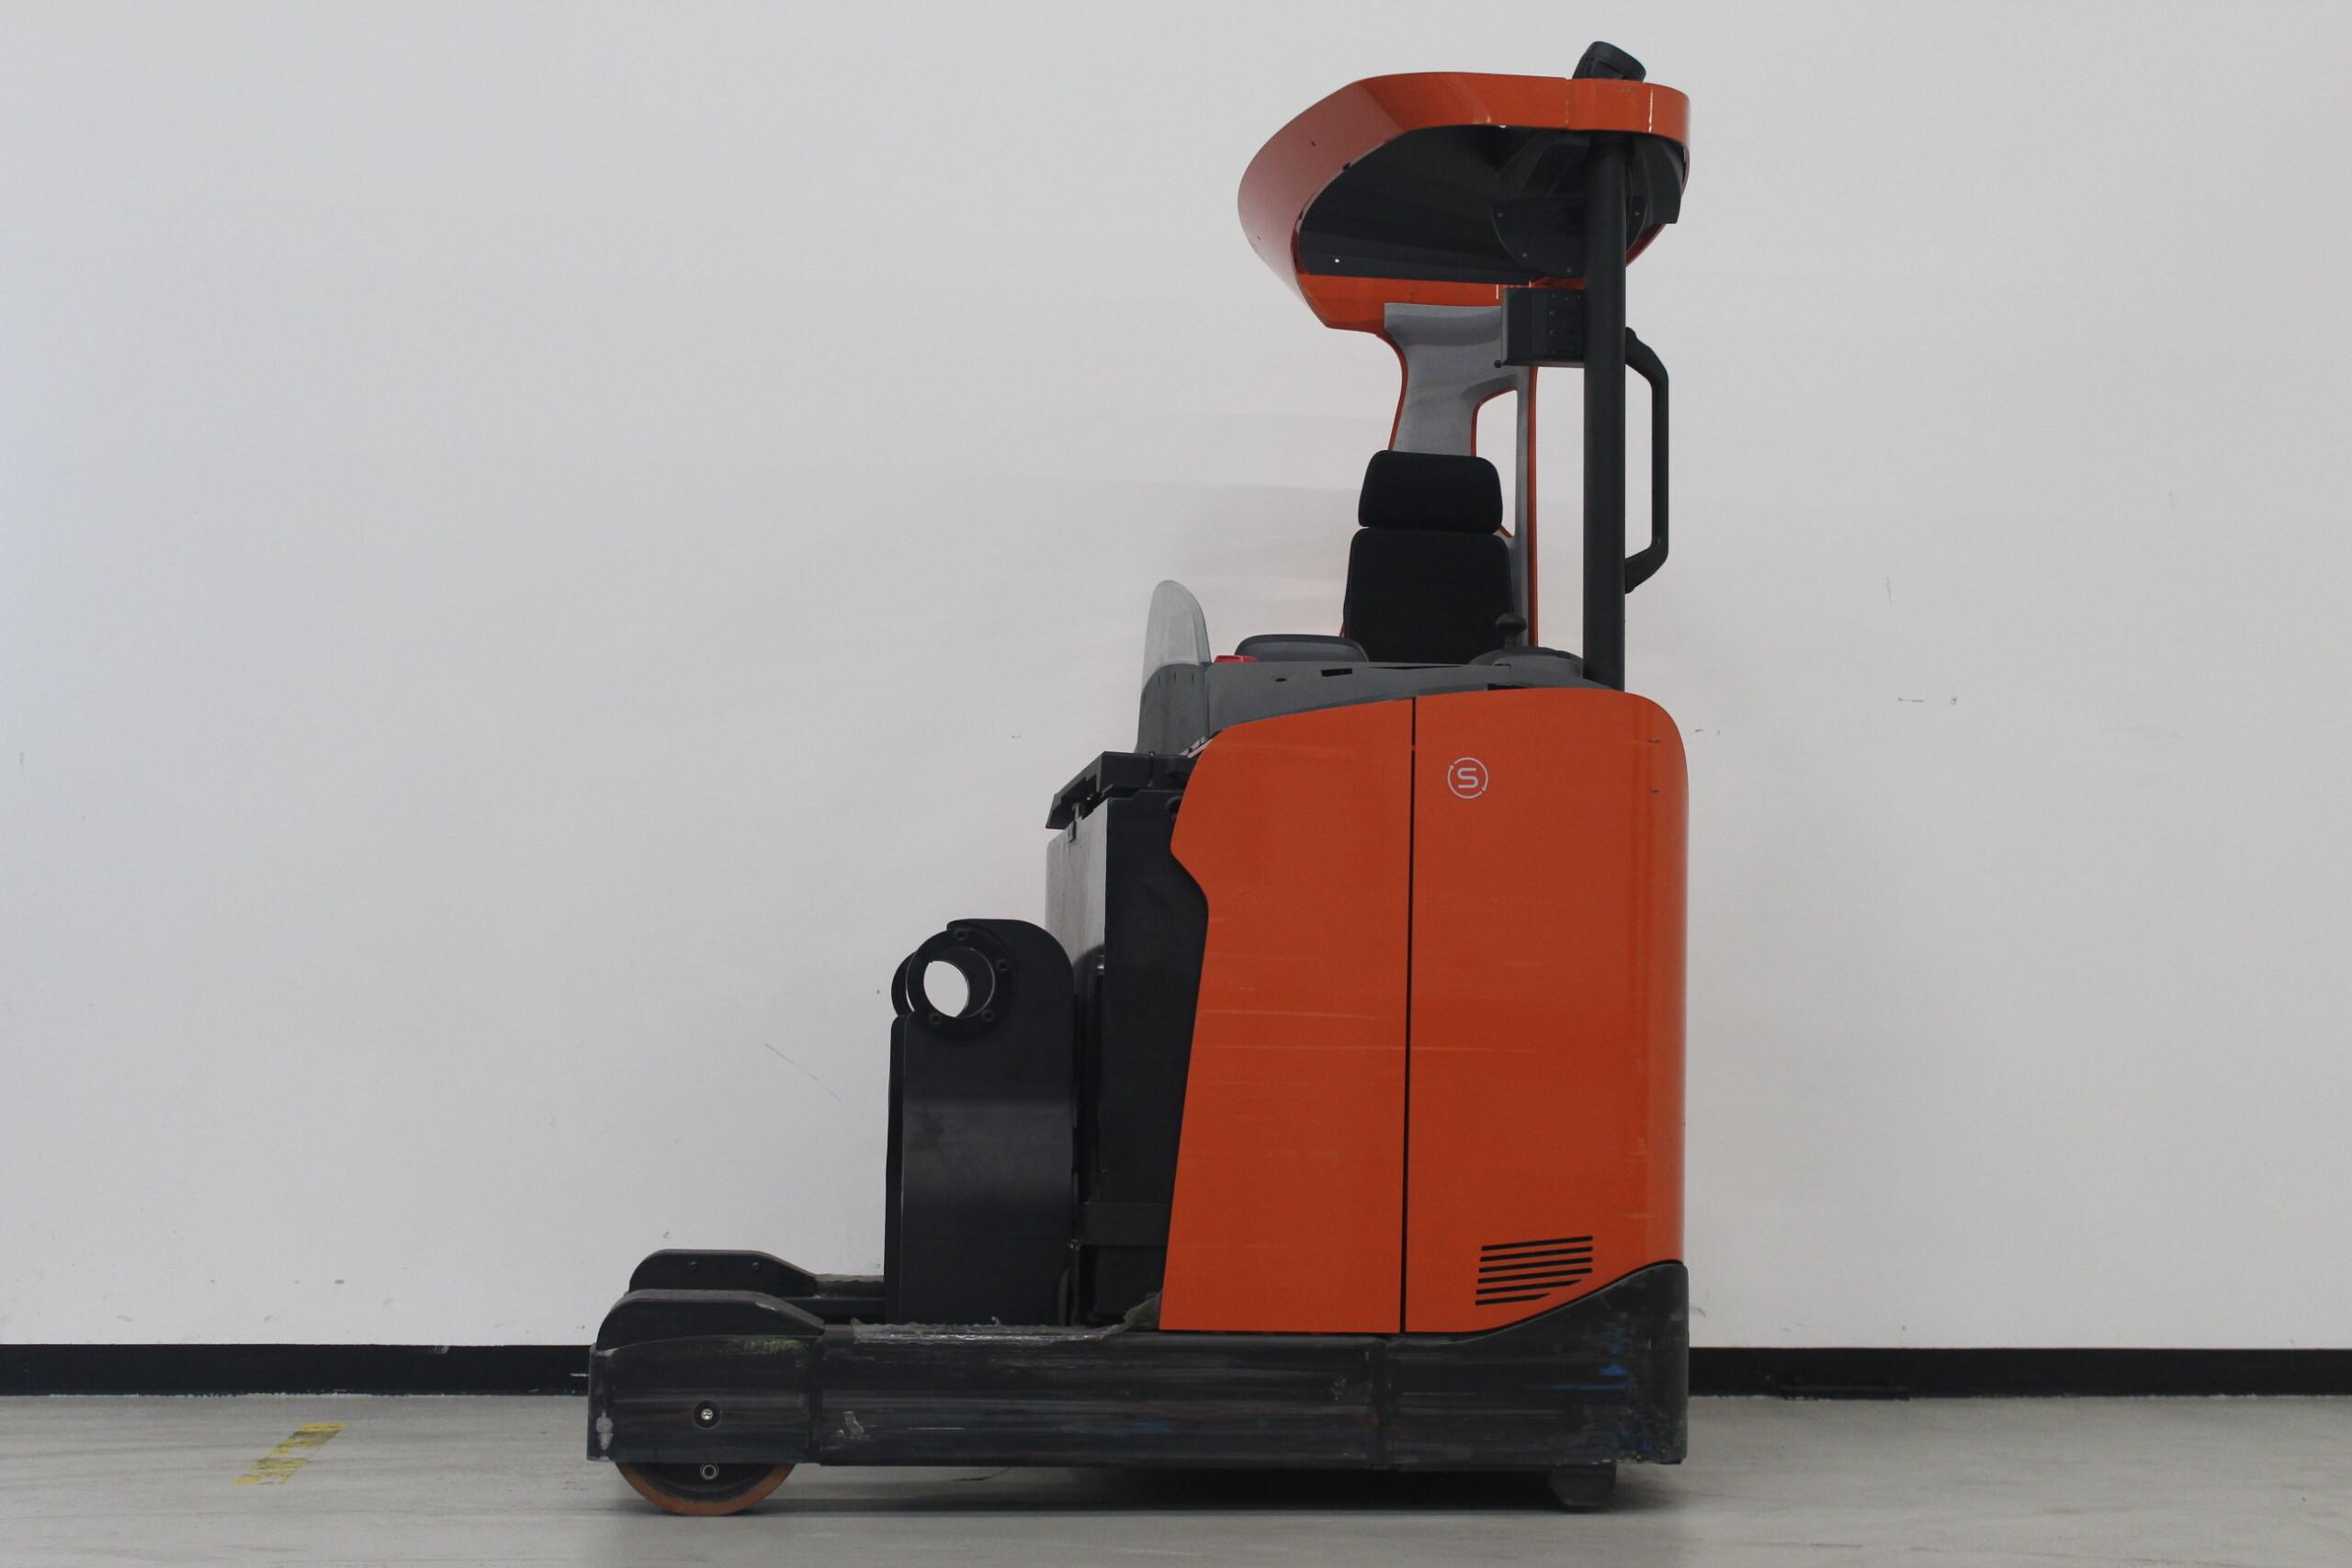 Toyota-Gabelstapler-59840 1905038860 1 98 scaled